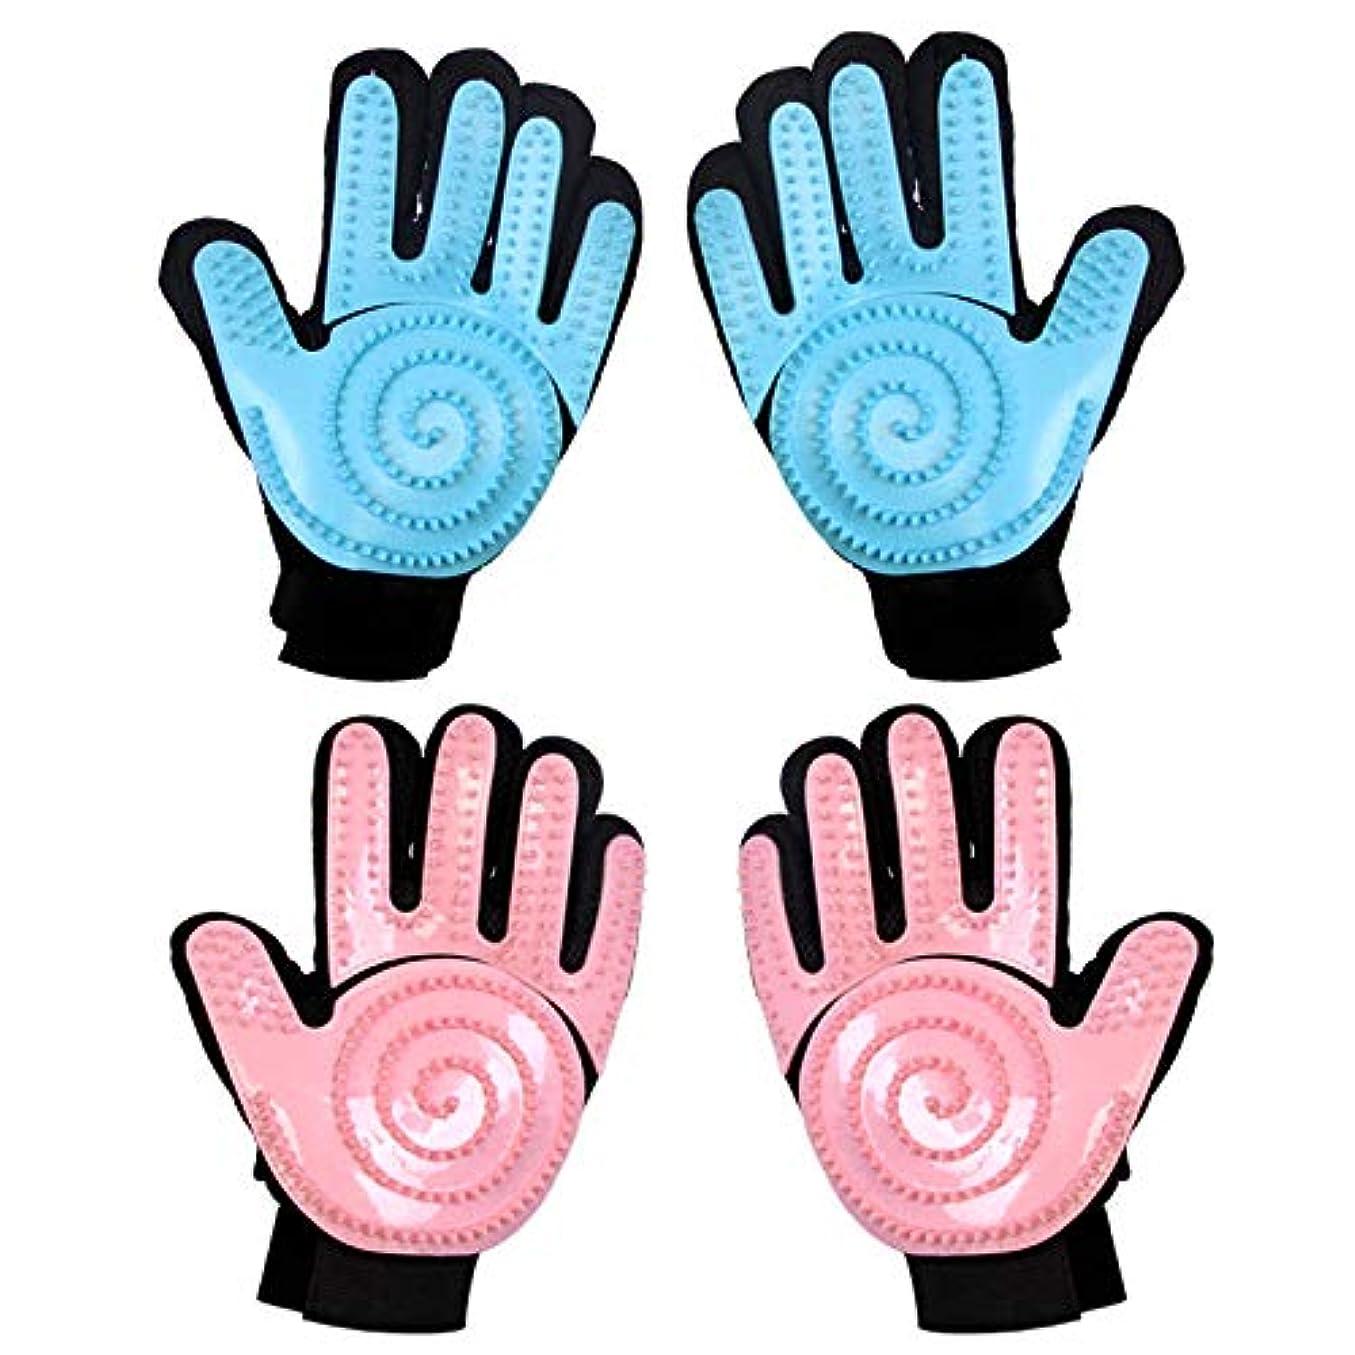 動的小切手国旗BTXXYJP 手袋 ペット ブラシ グローブ 猫 ブラシ クリーナー 抜け毛取り マッサージブラシ 犬 グローブ ペット毛取りブラシ お手入れ (Color : Pink, Style : Right hand)